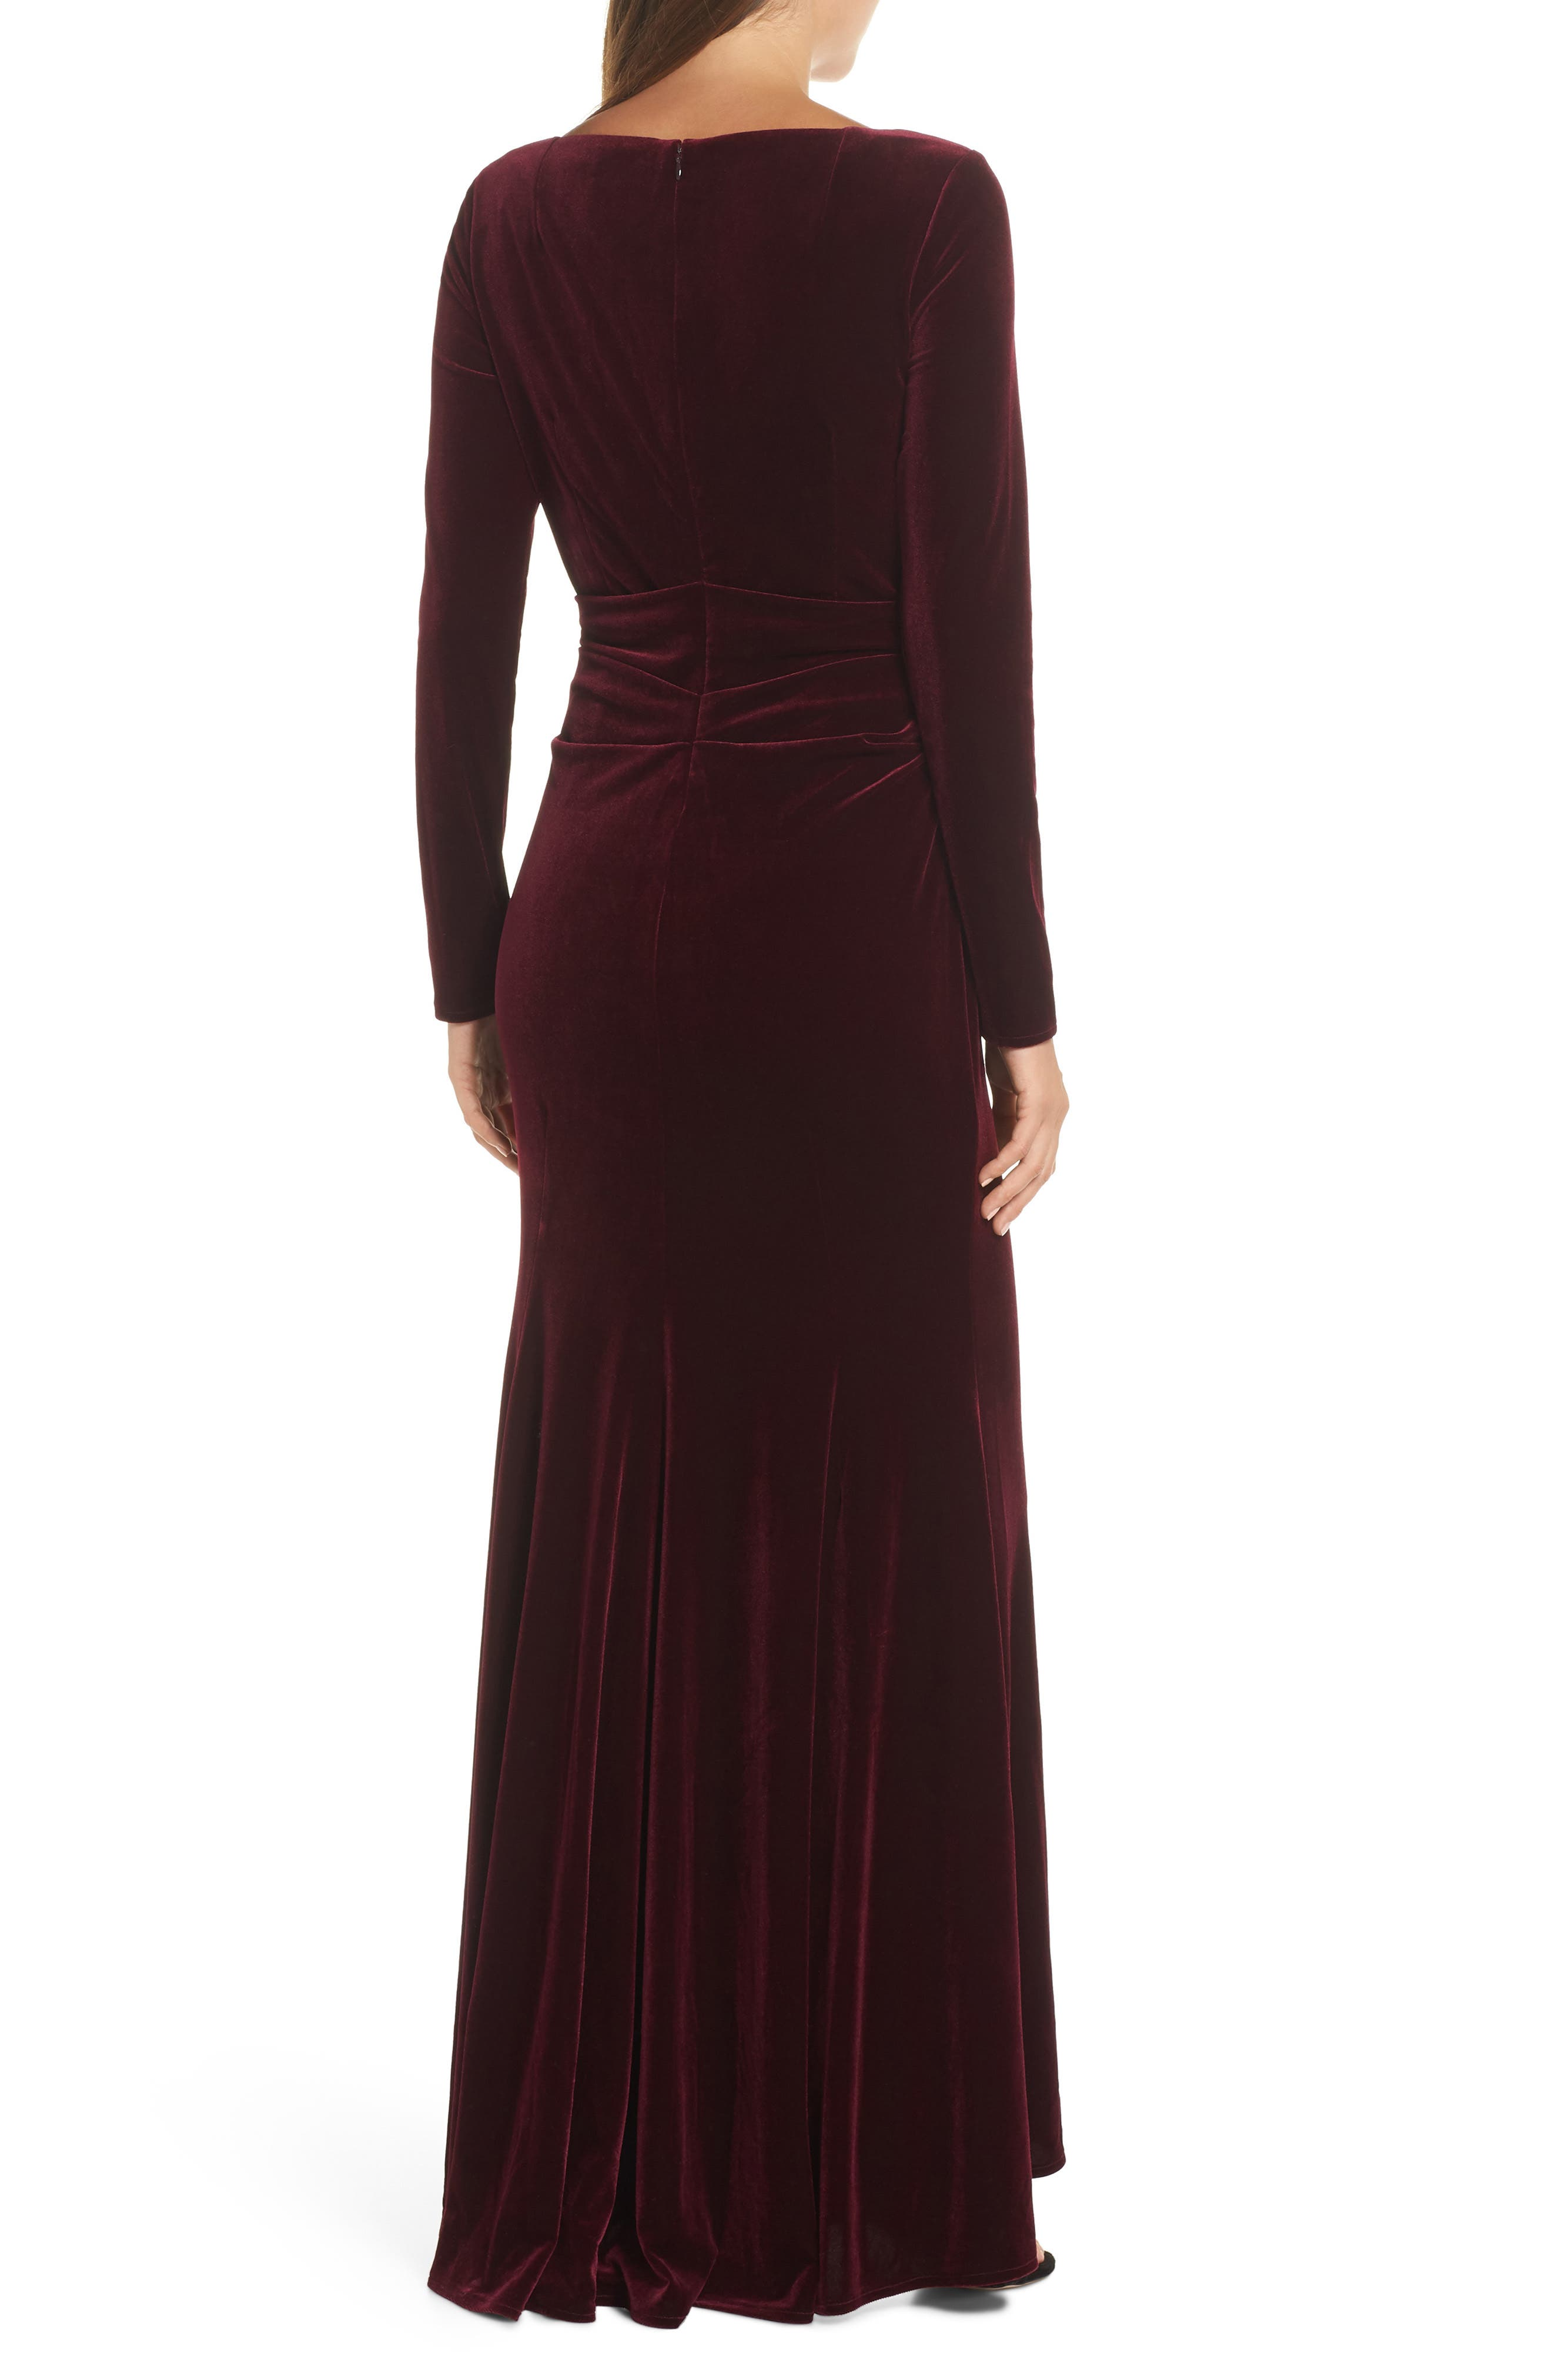 VELVET DRESS | Nordstrom